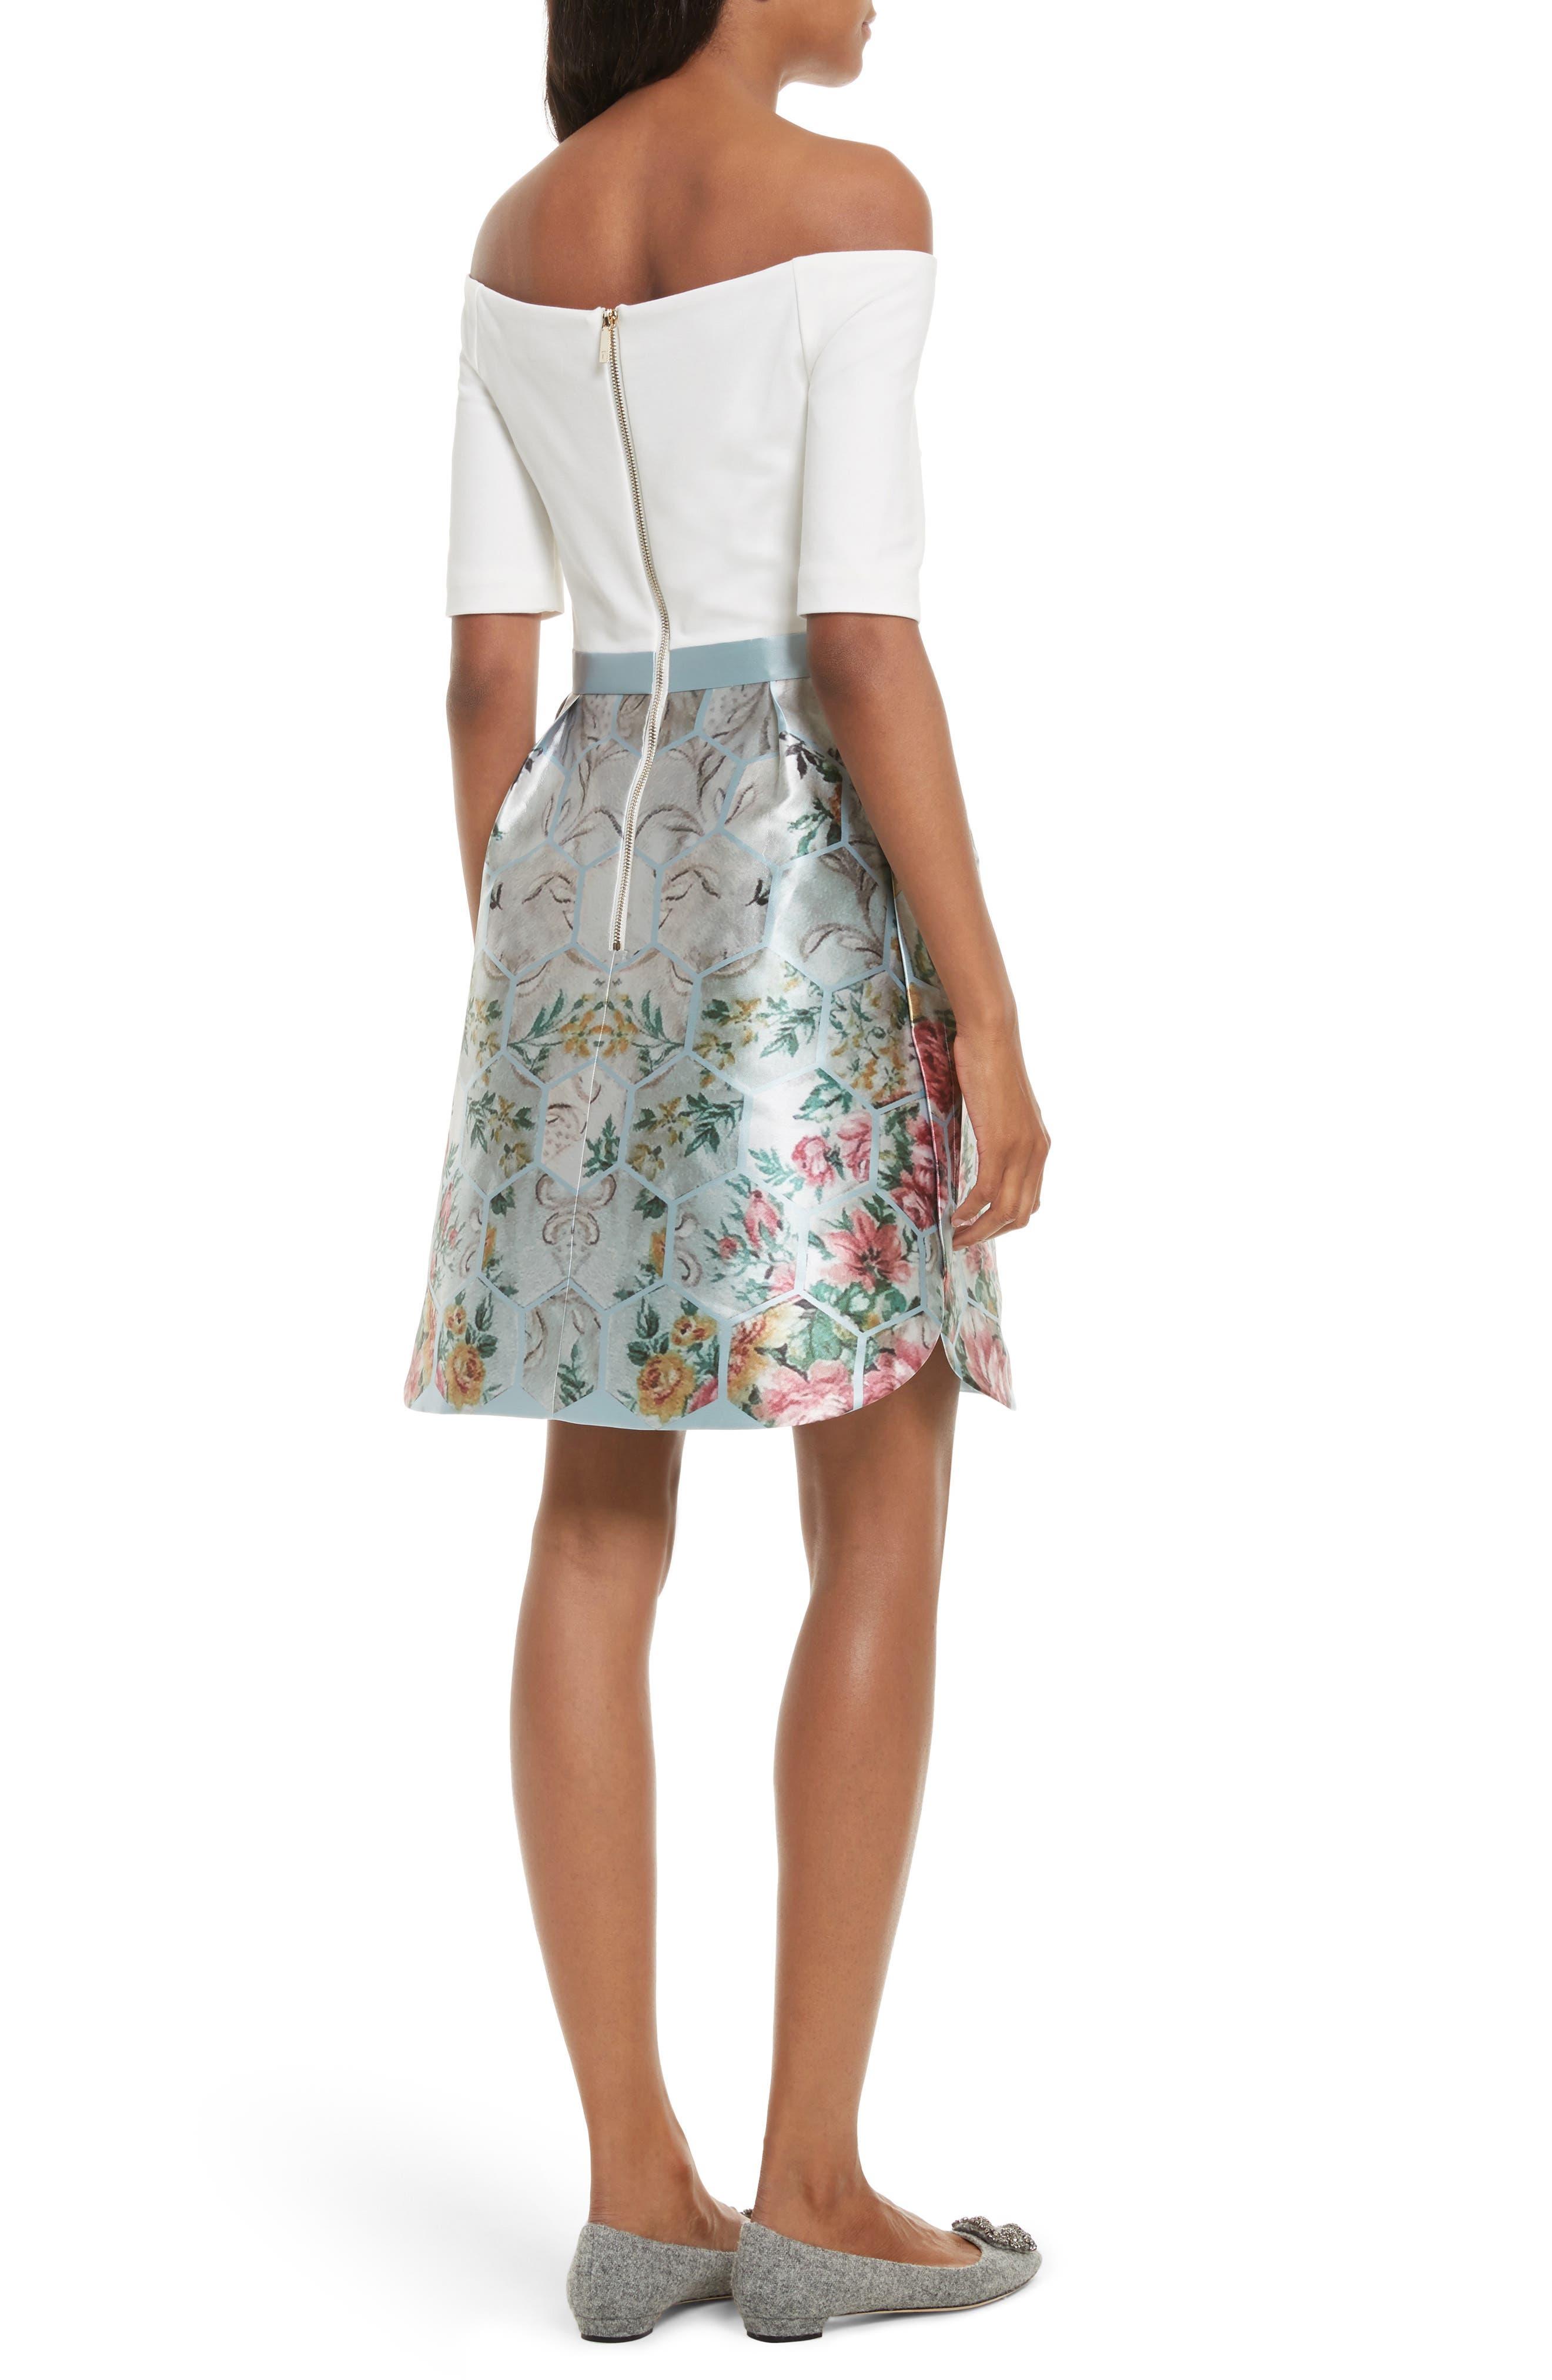 Dewrose Patchwork A-line Dress,                             Alternate thumbnail 2, color,                             Pale Blue